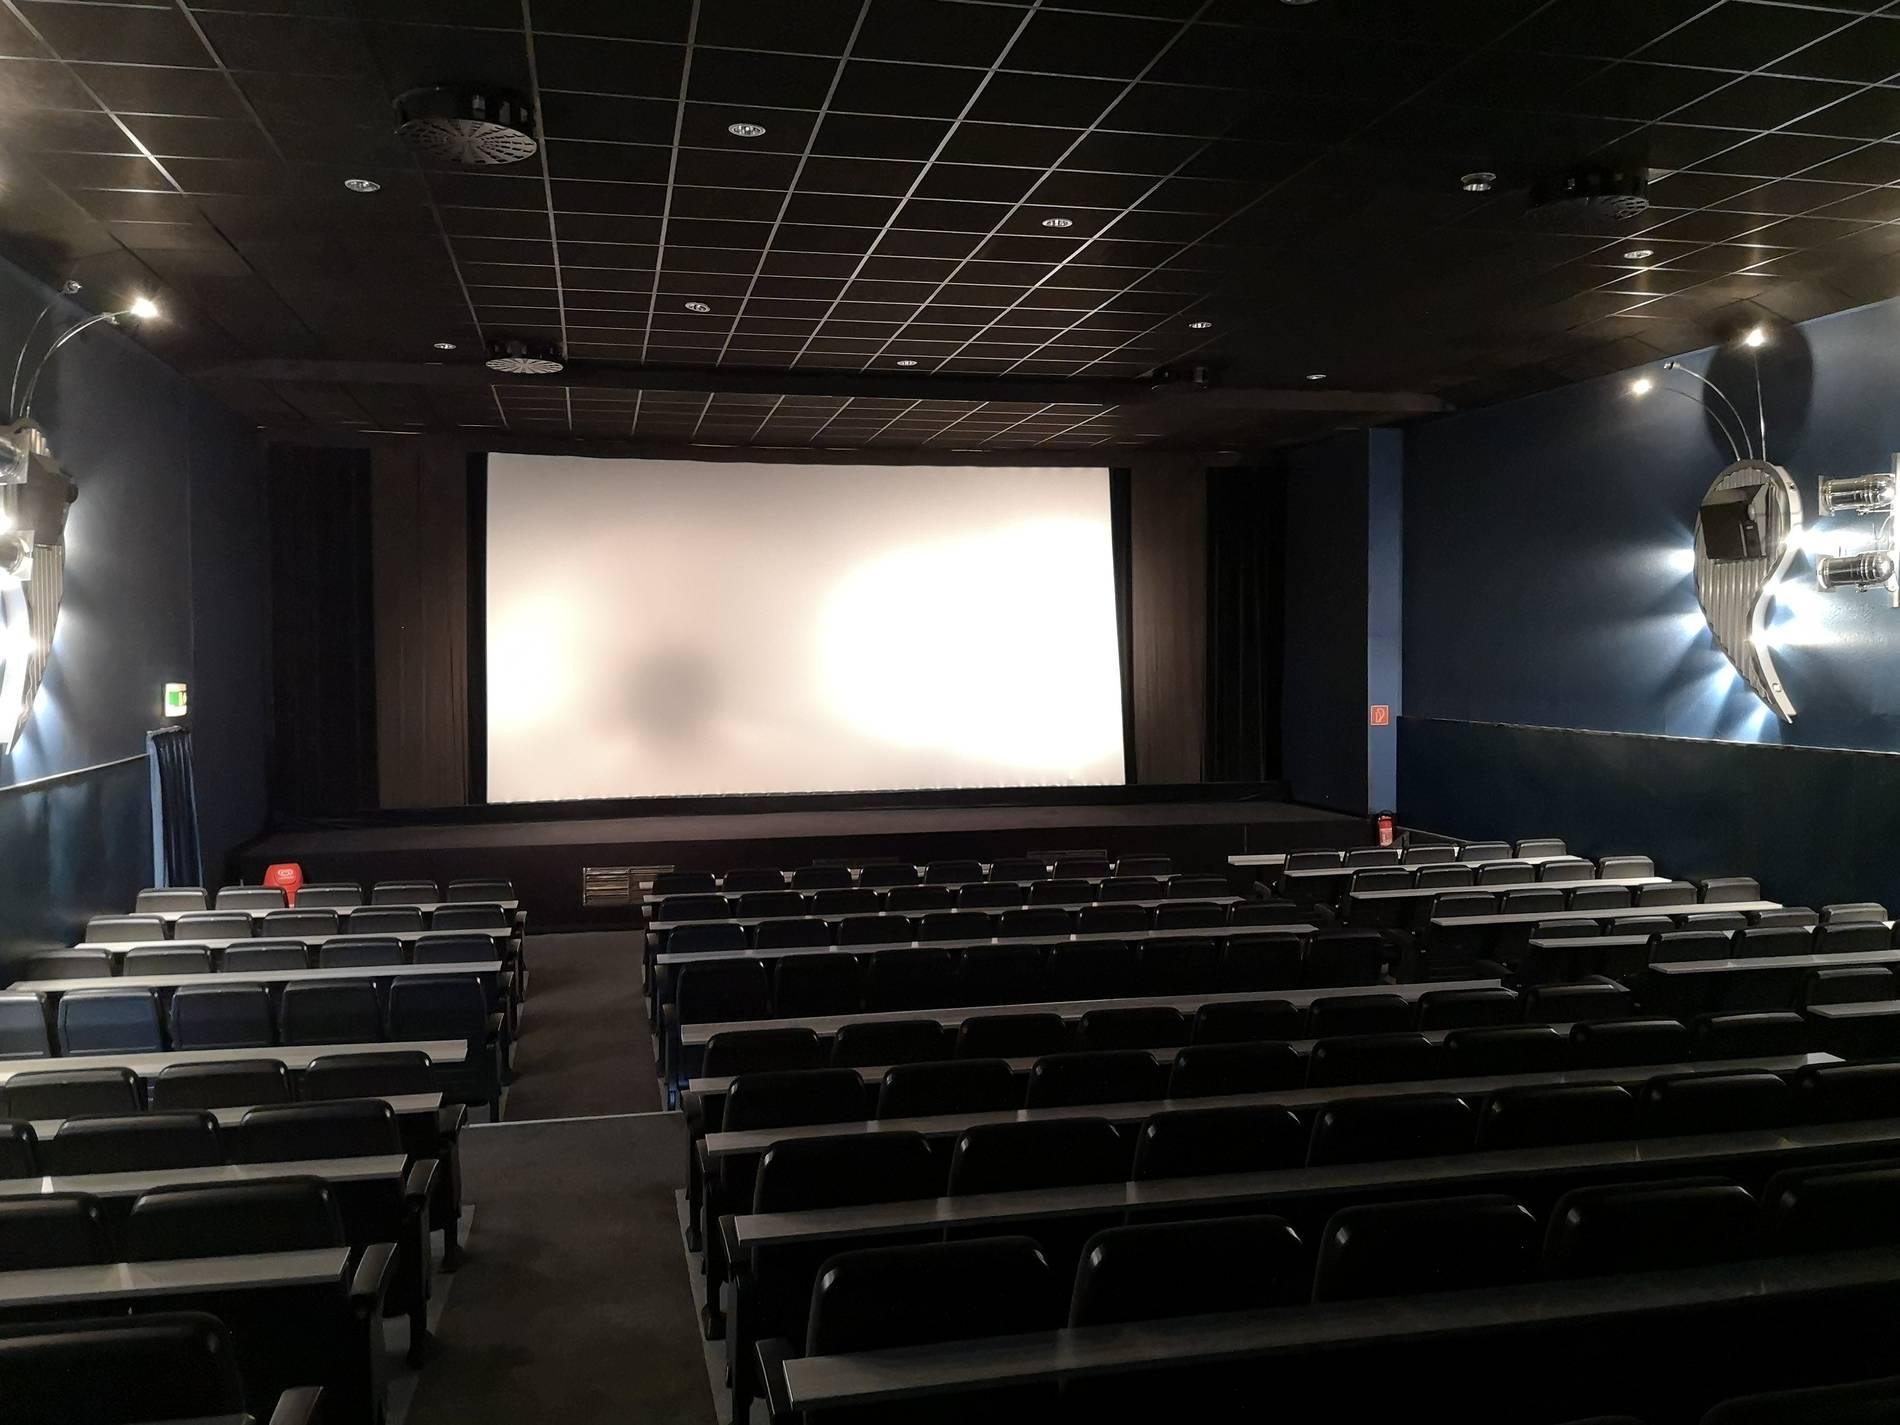 Kino Saarlouis